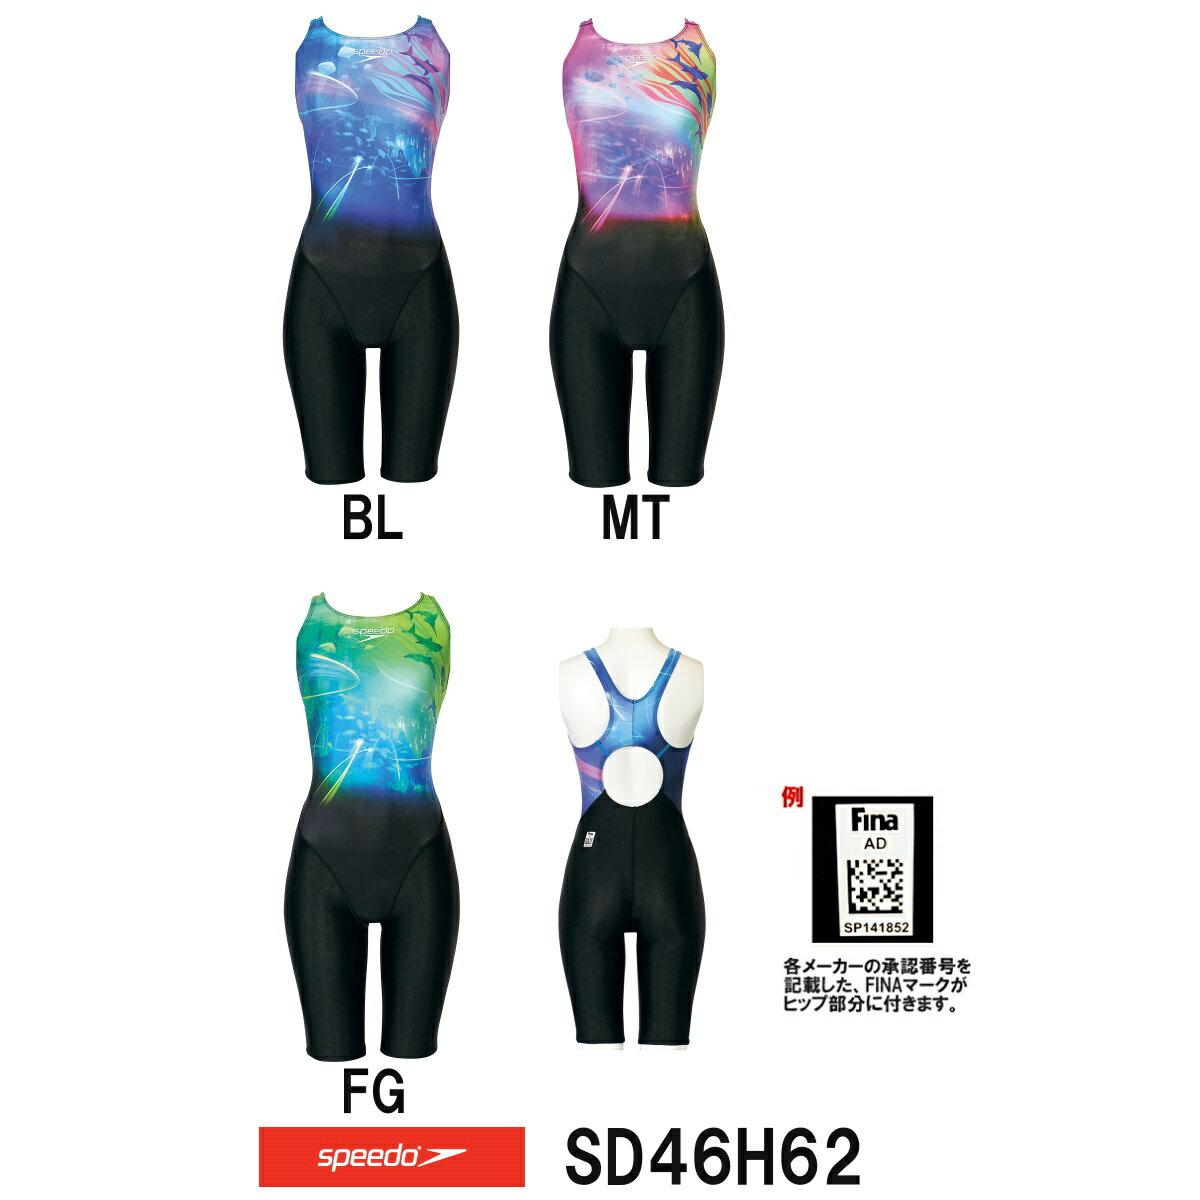 【SD46H62】SPEEDO(スピード)レディース競泳水着FLEXΣウイメンズセミオープンバックニースキン8